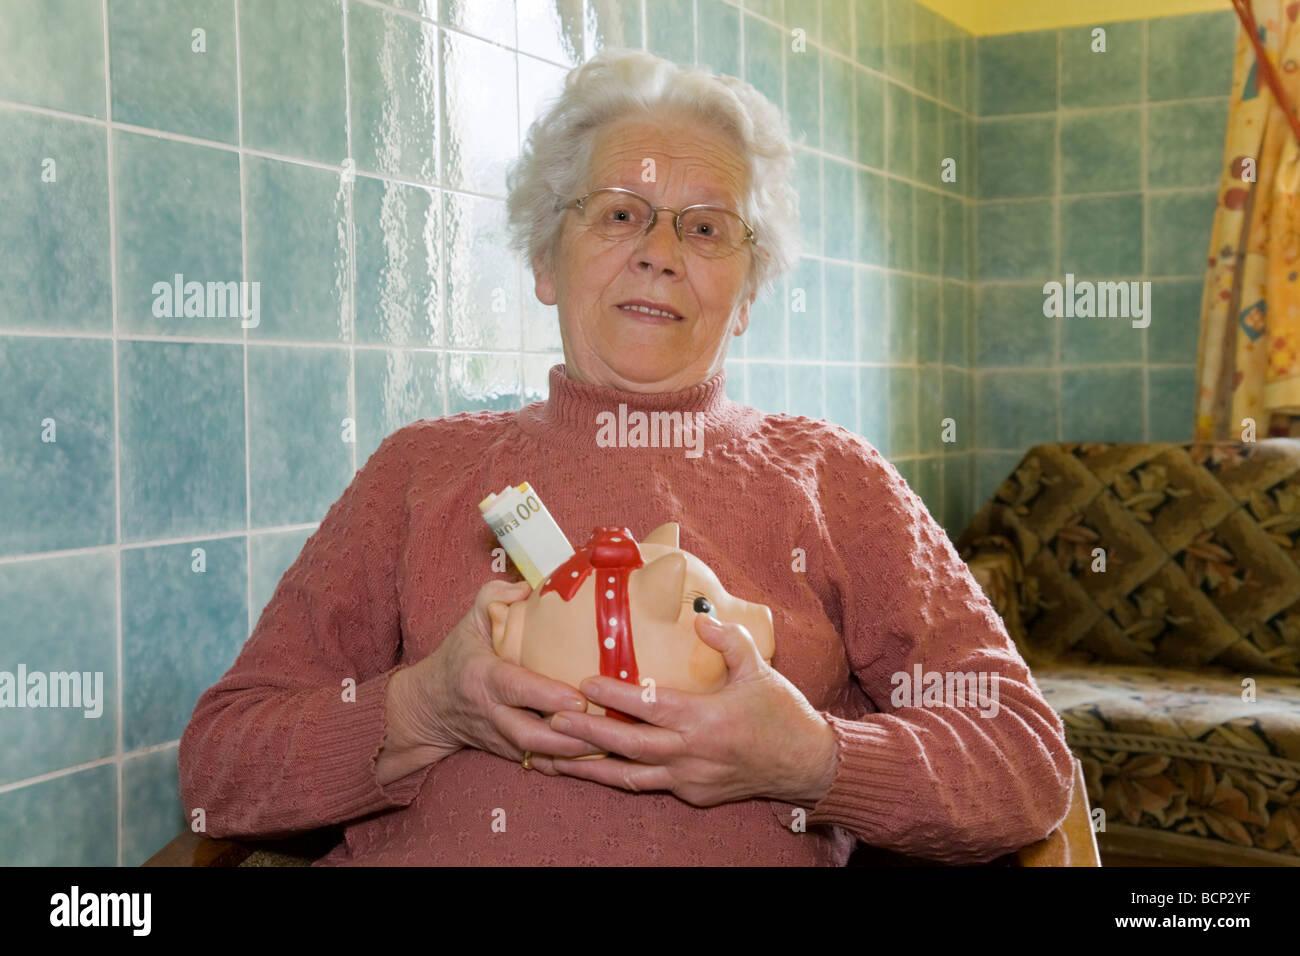 Frau in ihren Siebzigern sitzt auf einem Sessel und hält ein Sparschwein mit Geldscheinen - Stock Image